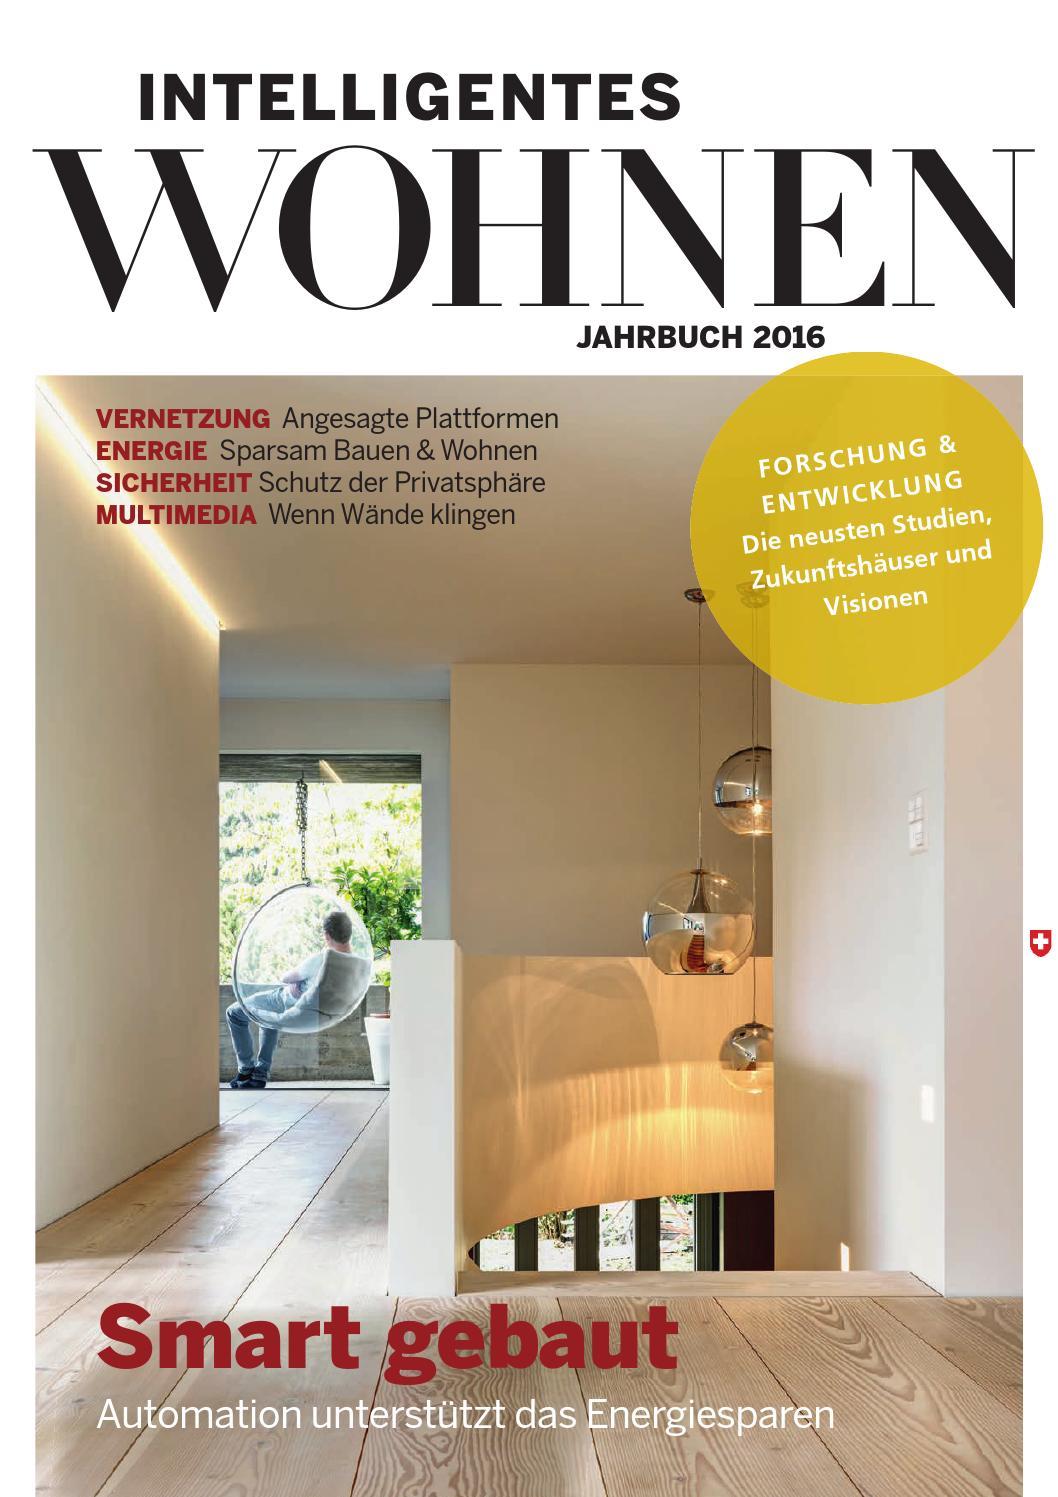 Intelligentes Wohnen – Jahrbuch 2016 by Archithema Verlag - issuu